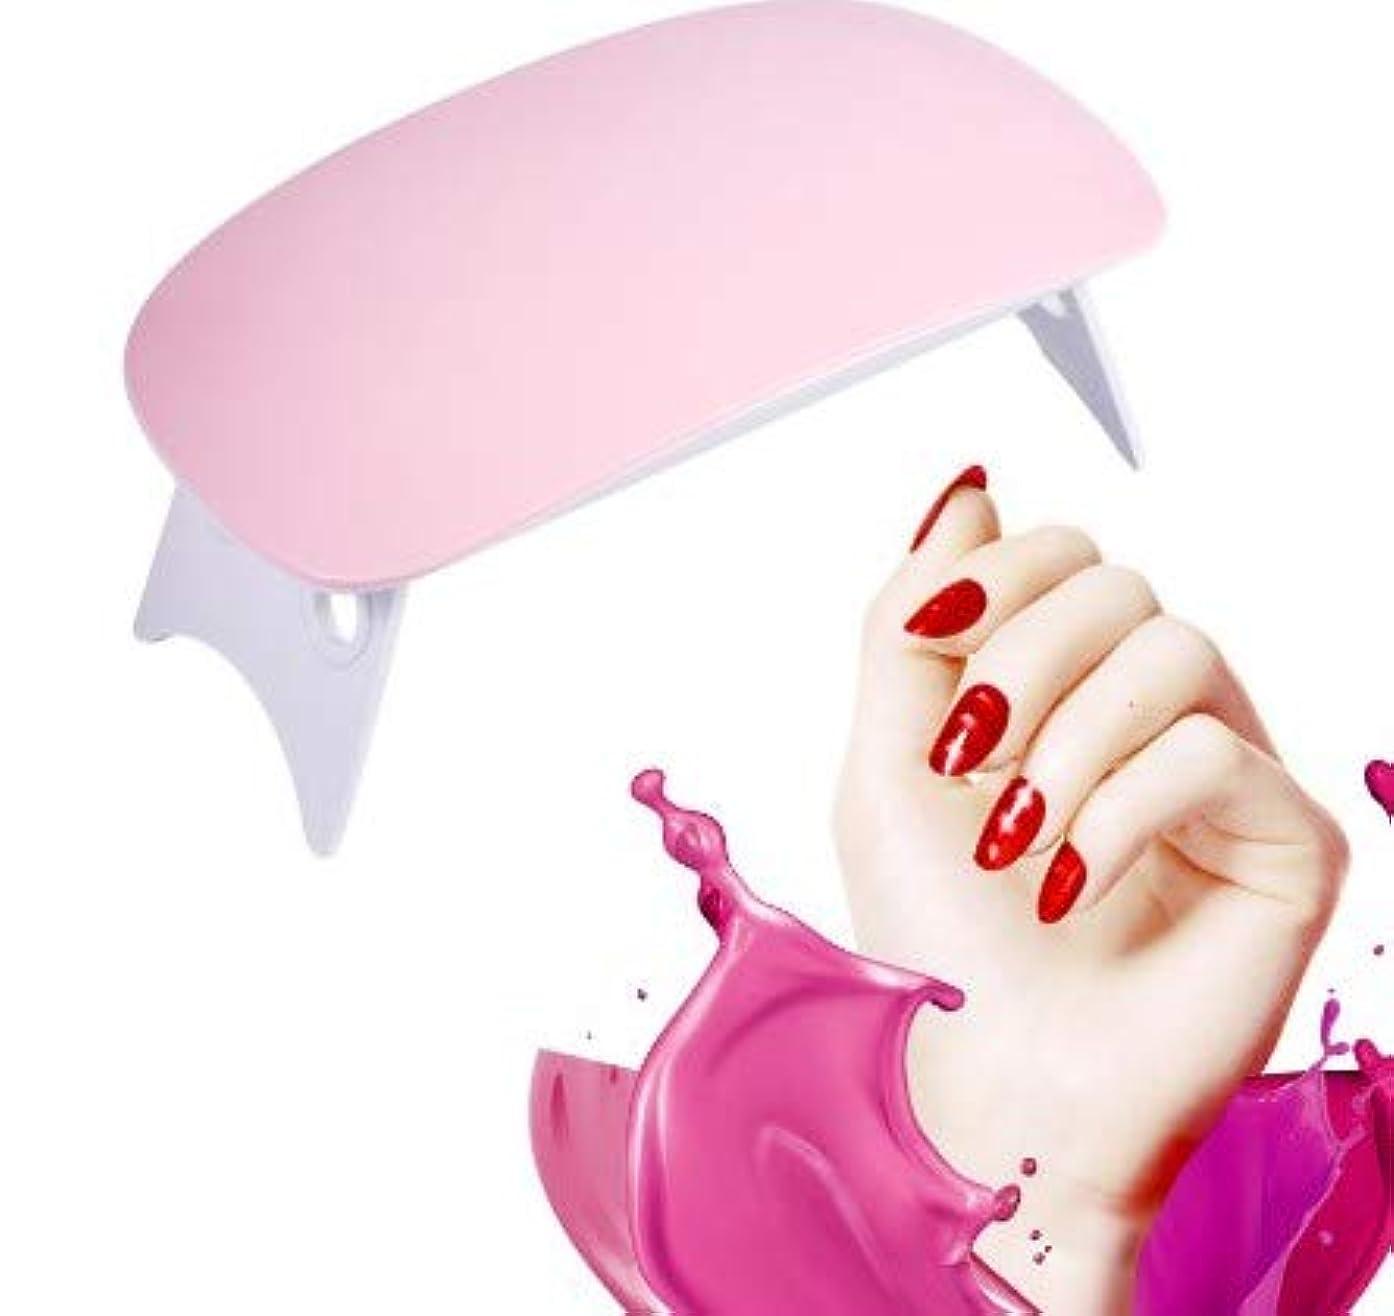 適度な壁紙マウスピースLEDランプを硬化させるミニネイルドライヤーUVジェルポリッシュ(ピンク)